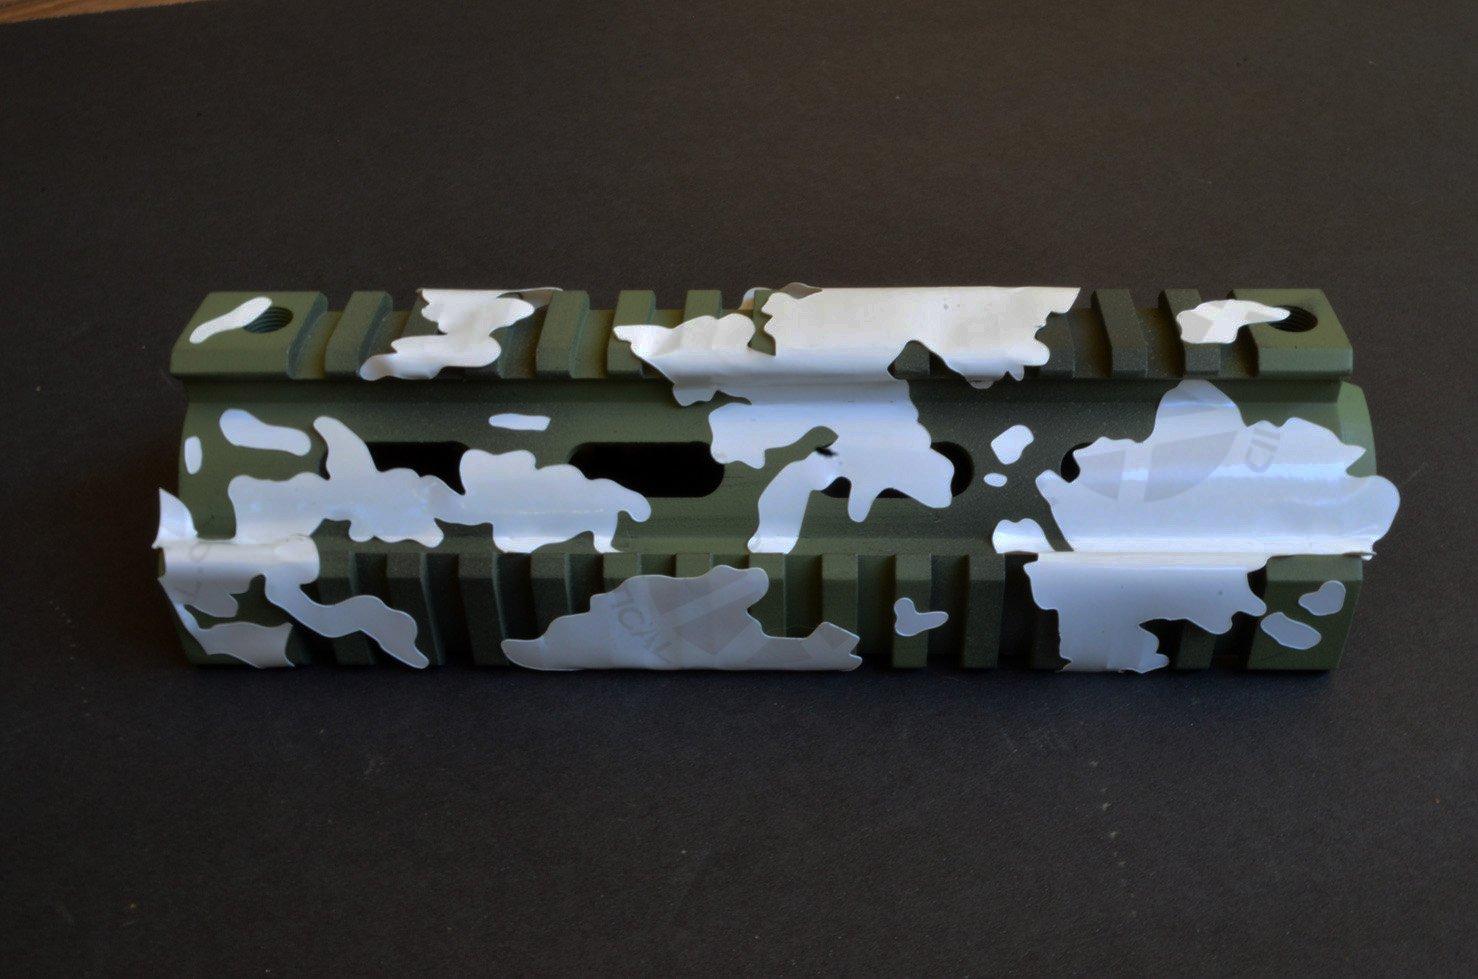 Ácido táctica ®, 2 unidades - diseño de camuflaje aerógrafo Spray ...